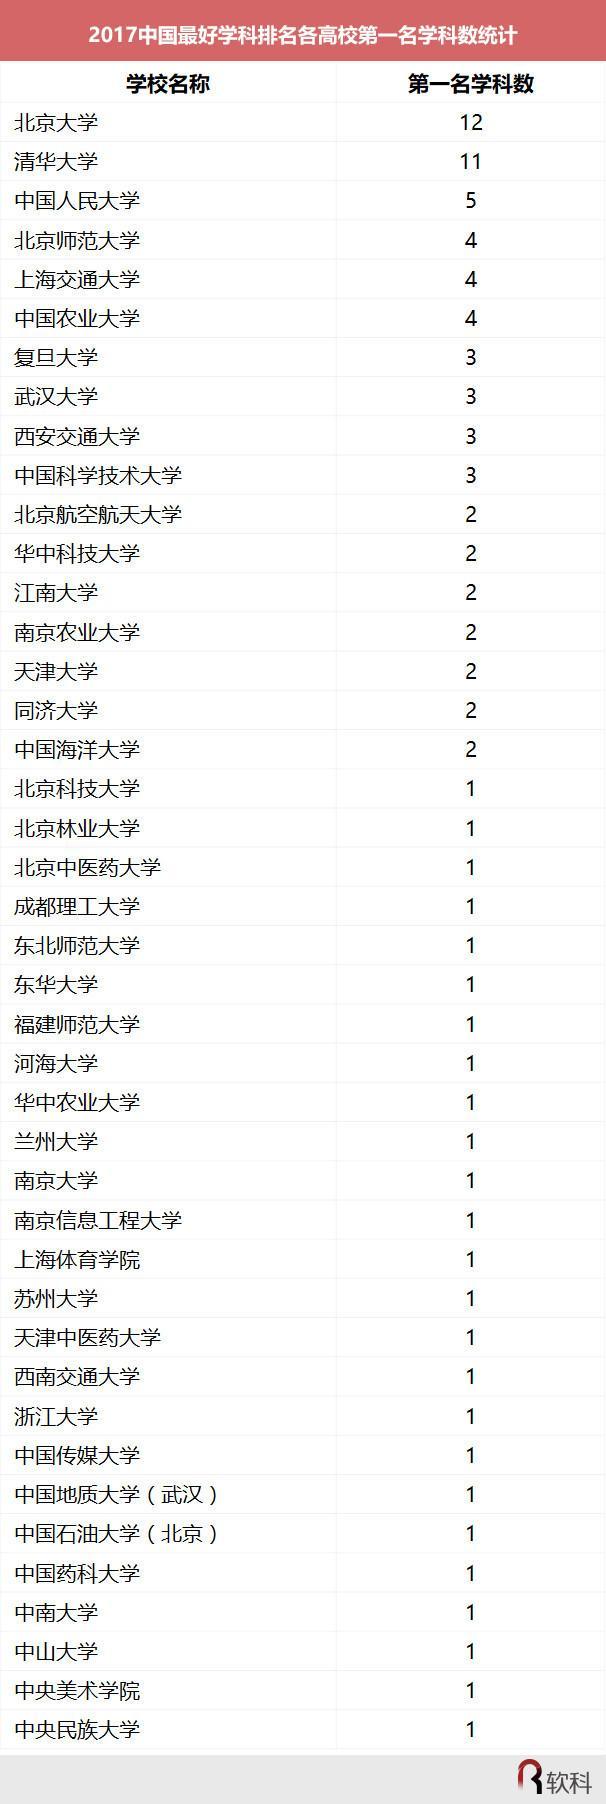 中国最好学科排名:川大在上榜学科数量上排名第一